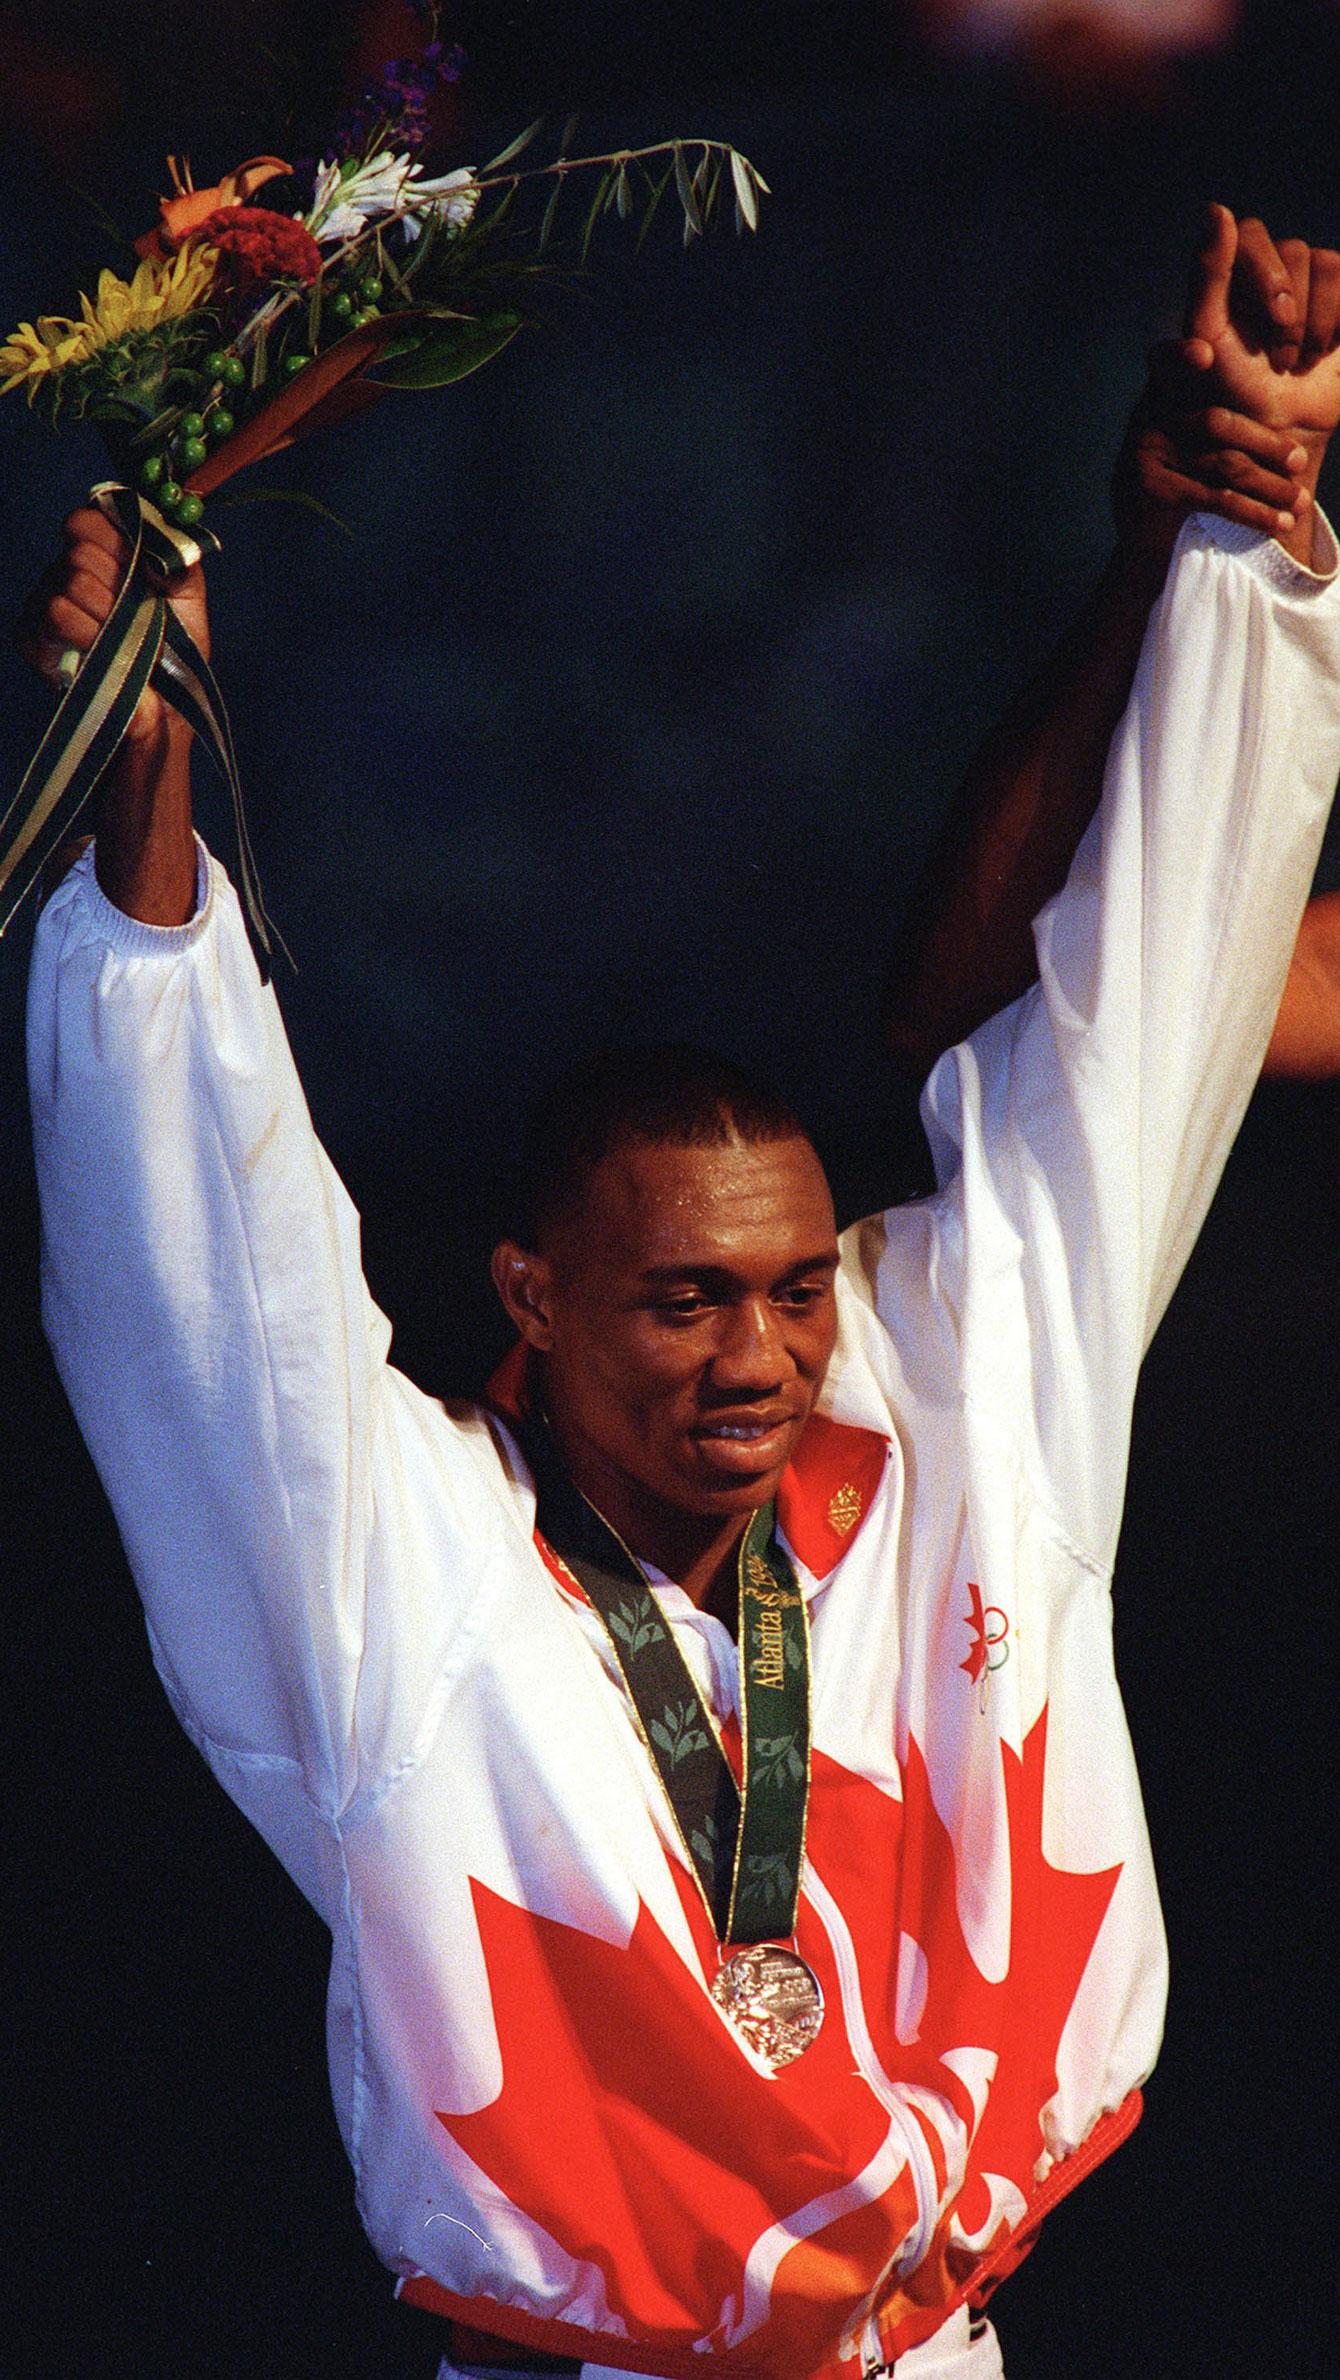 David Defiagbon receives his Olympic medal at Atlanta 1996.